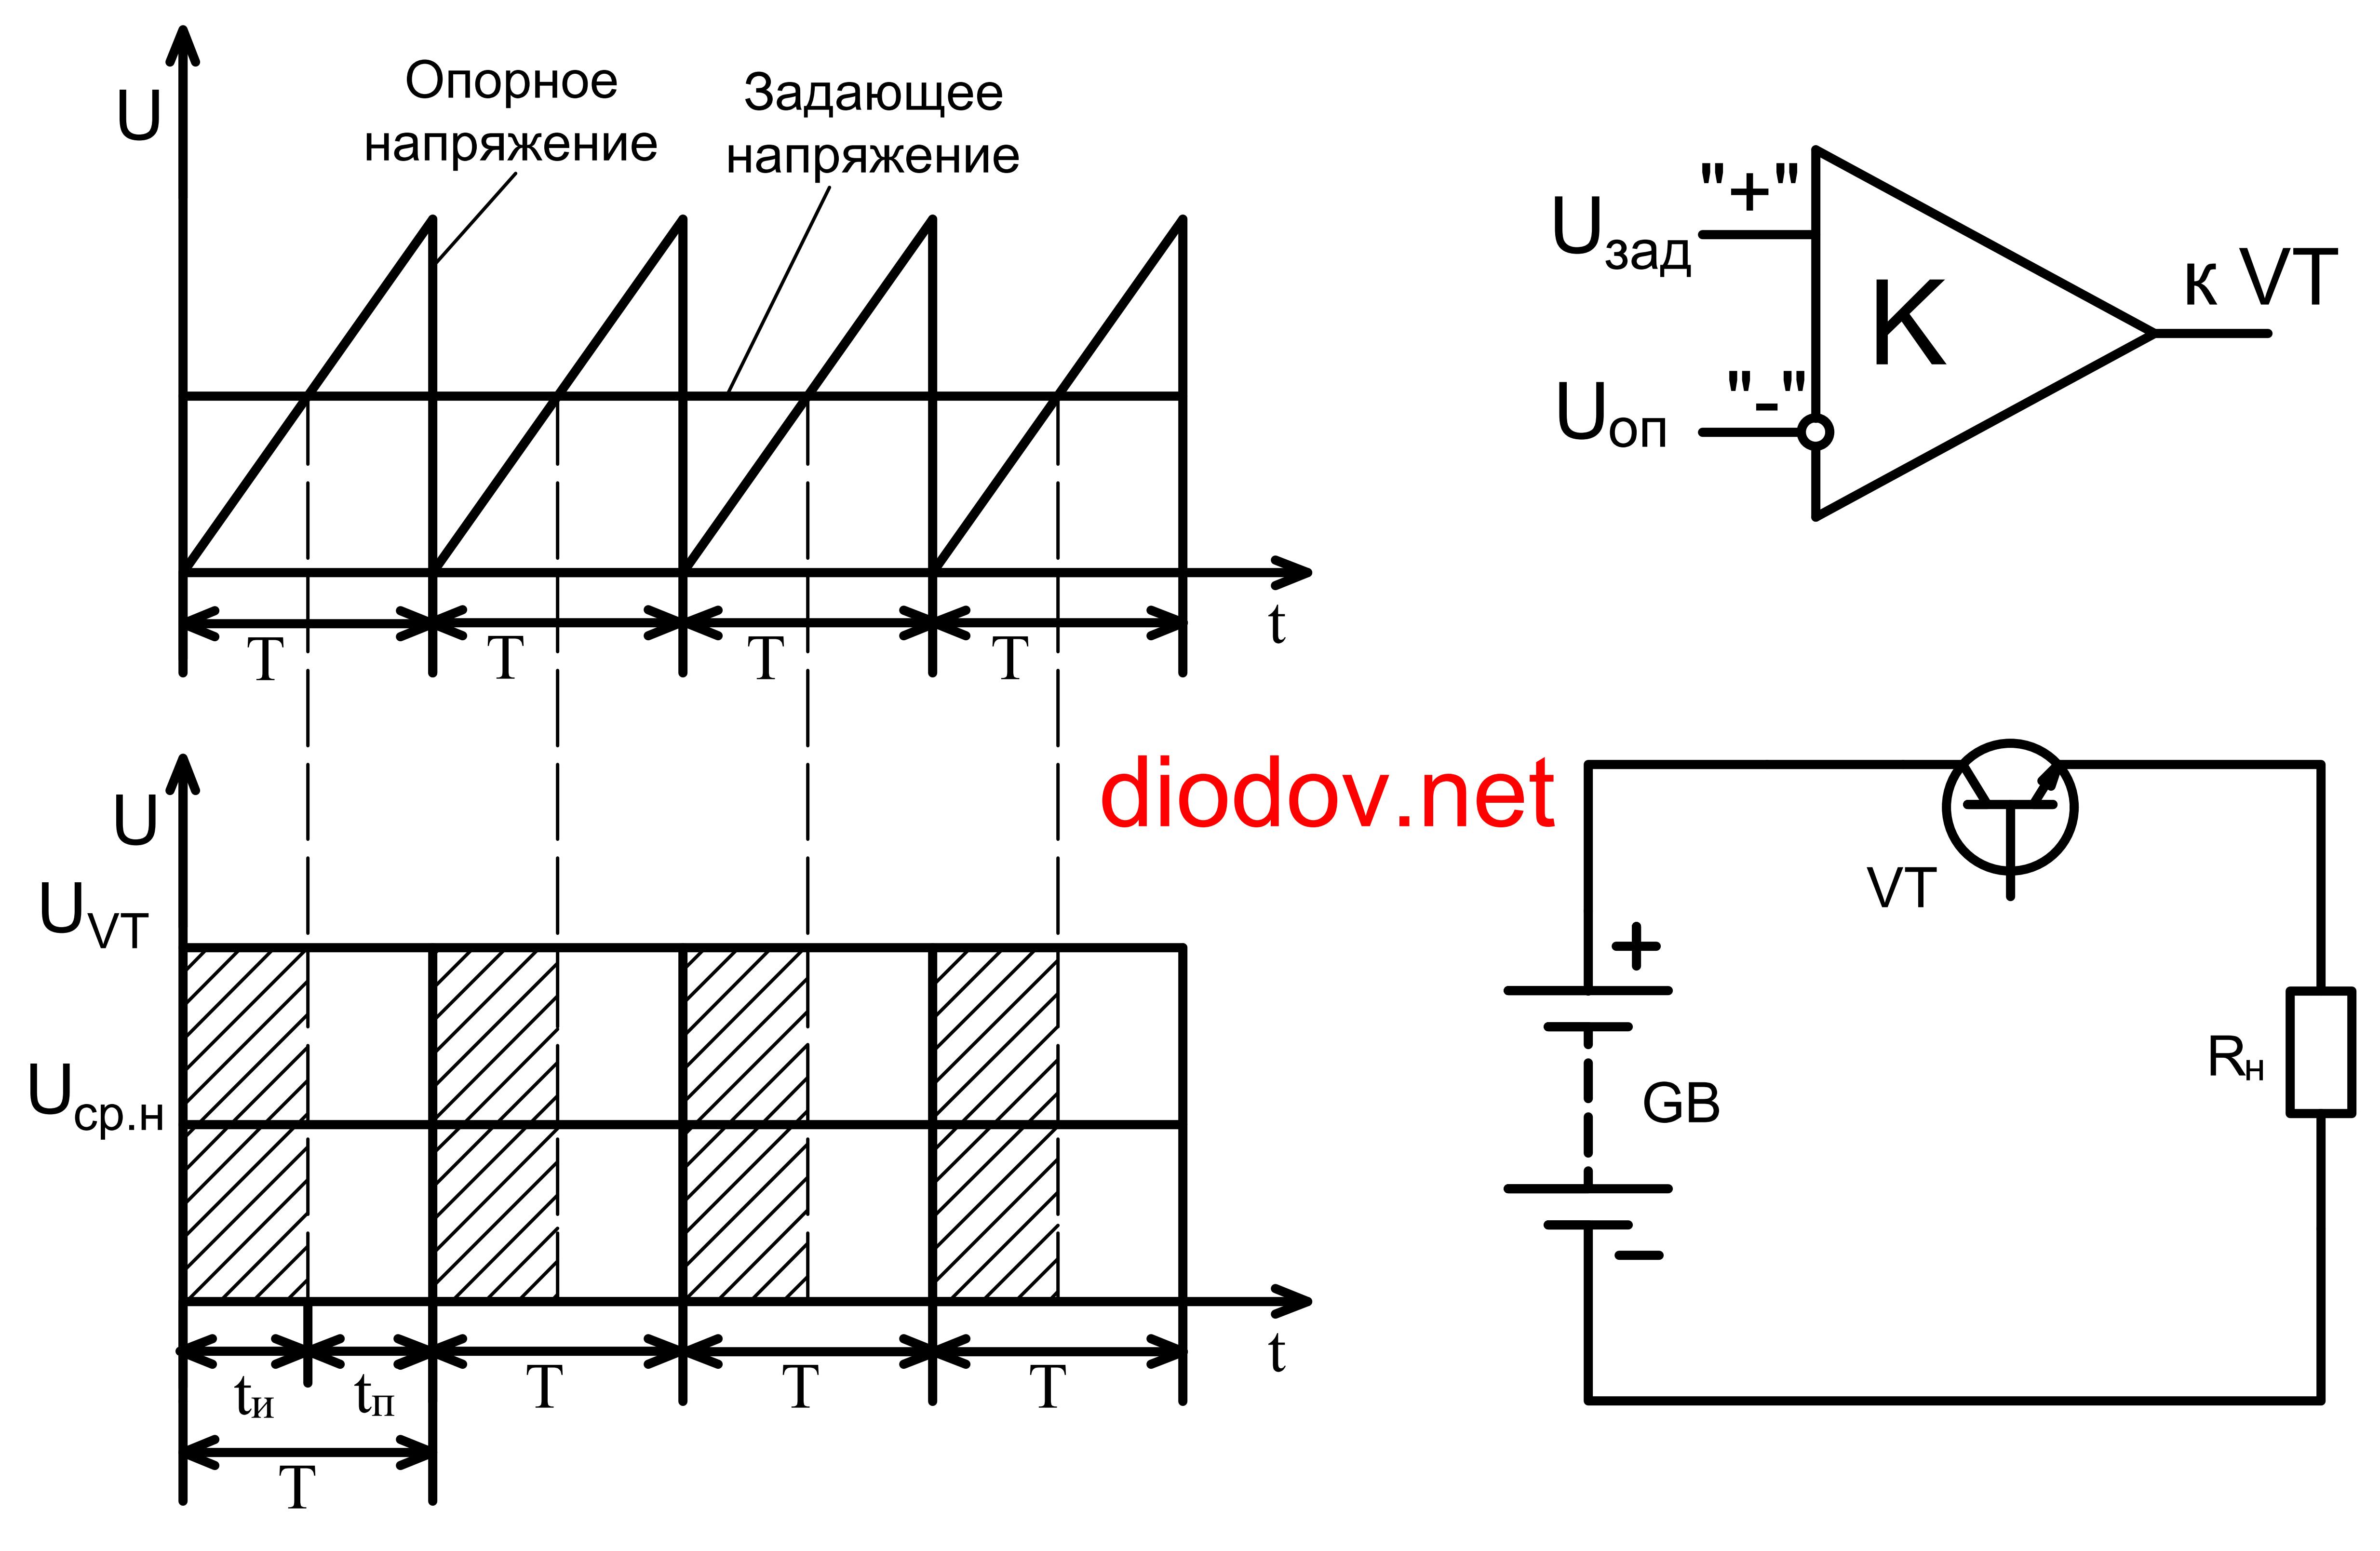 Dc dimming против шим или как регулировать яркость amoled без мерцания. - notebookcheck-ru.com